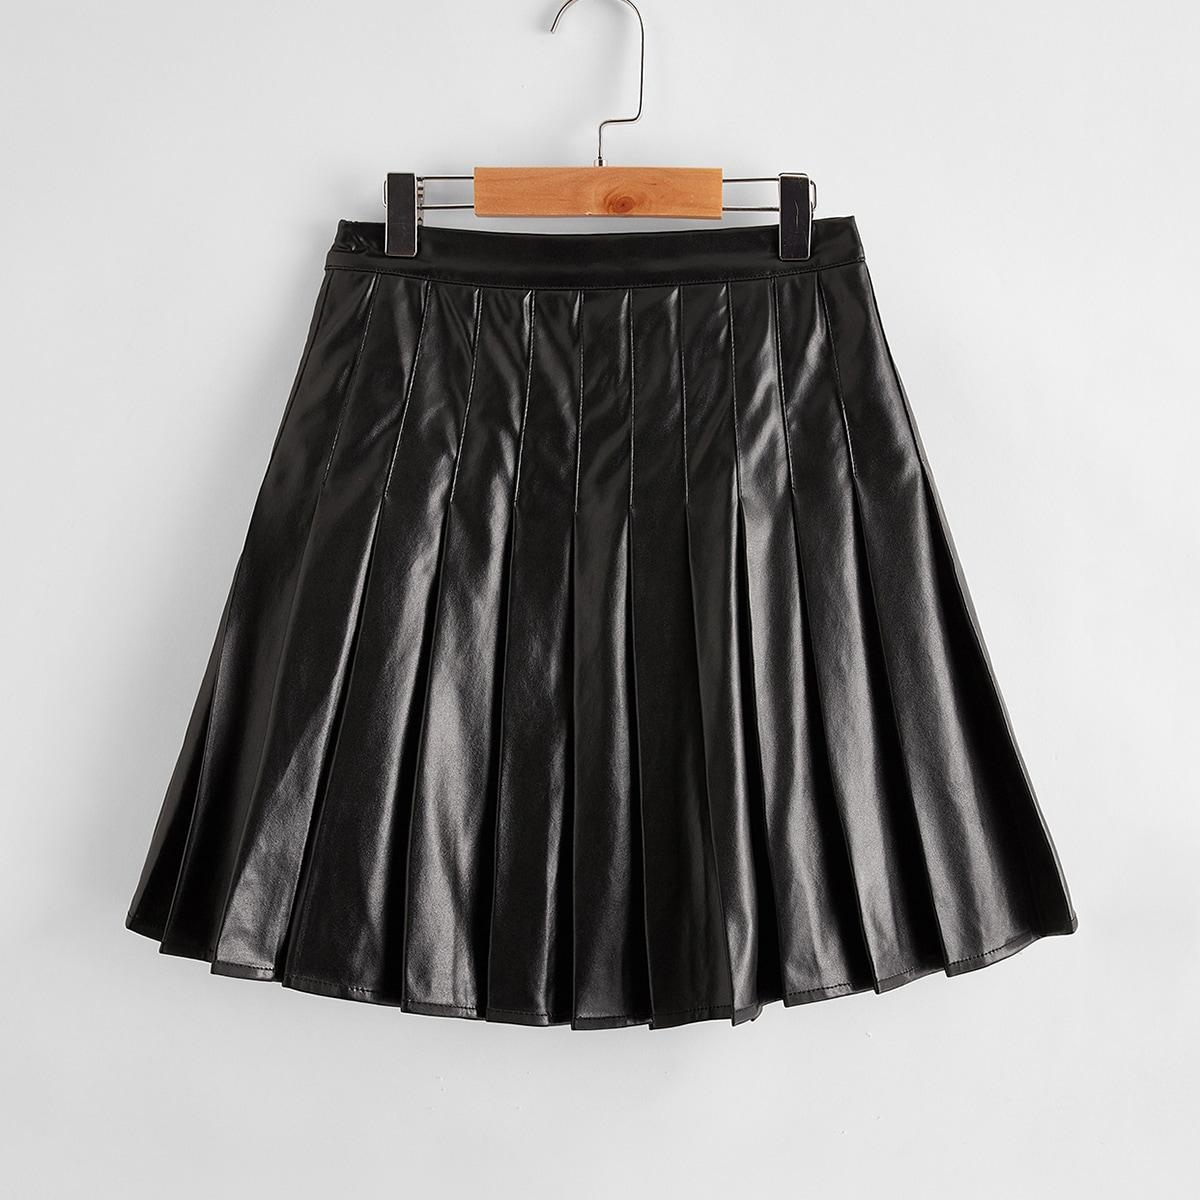 Плиссированная юбка из искусственной кожи для девочек